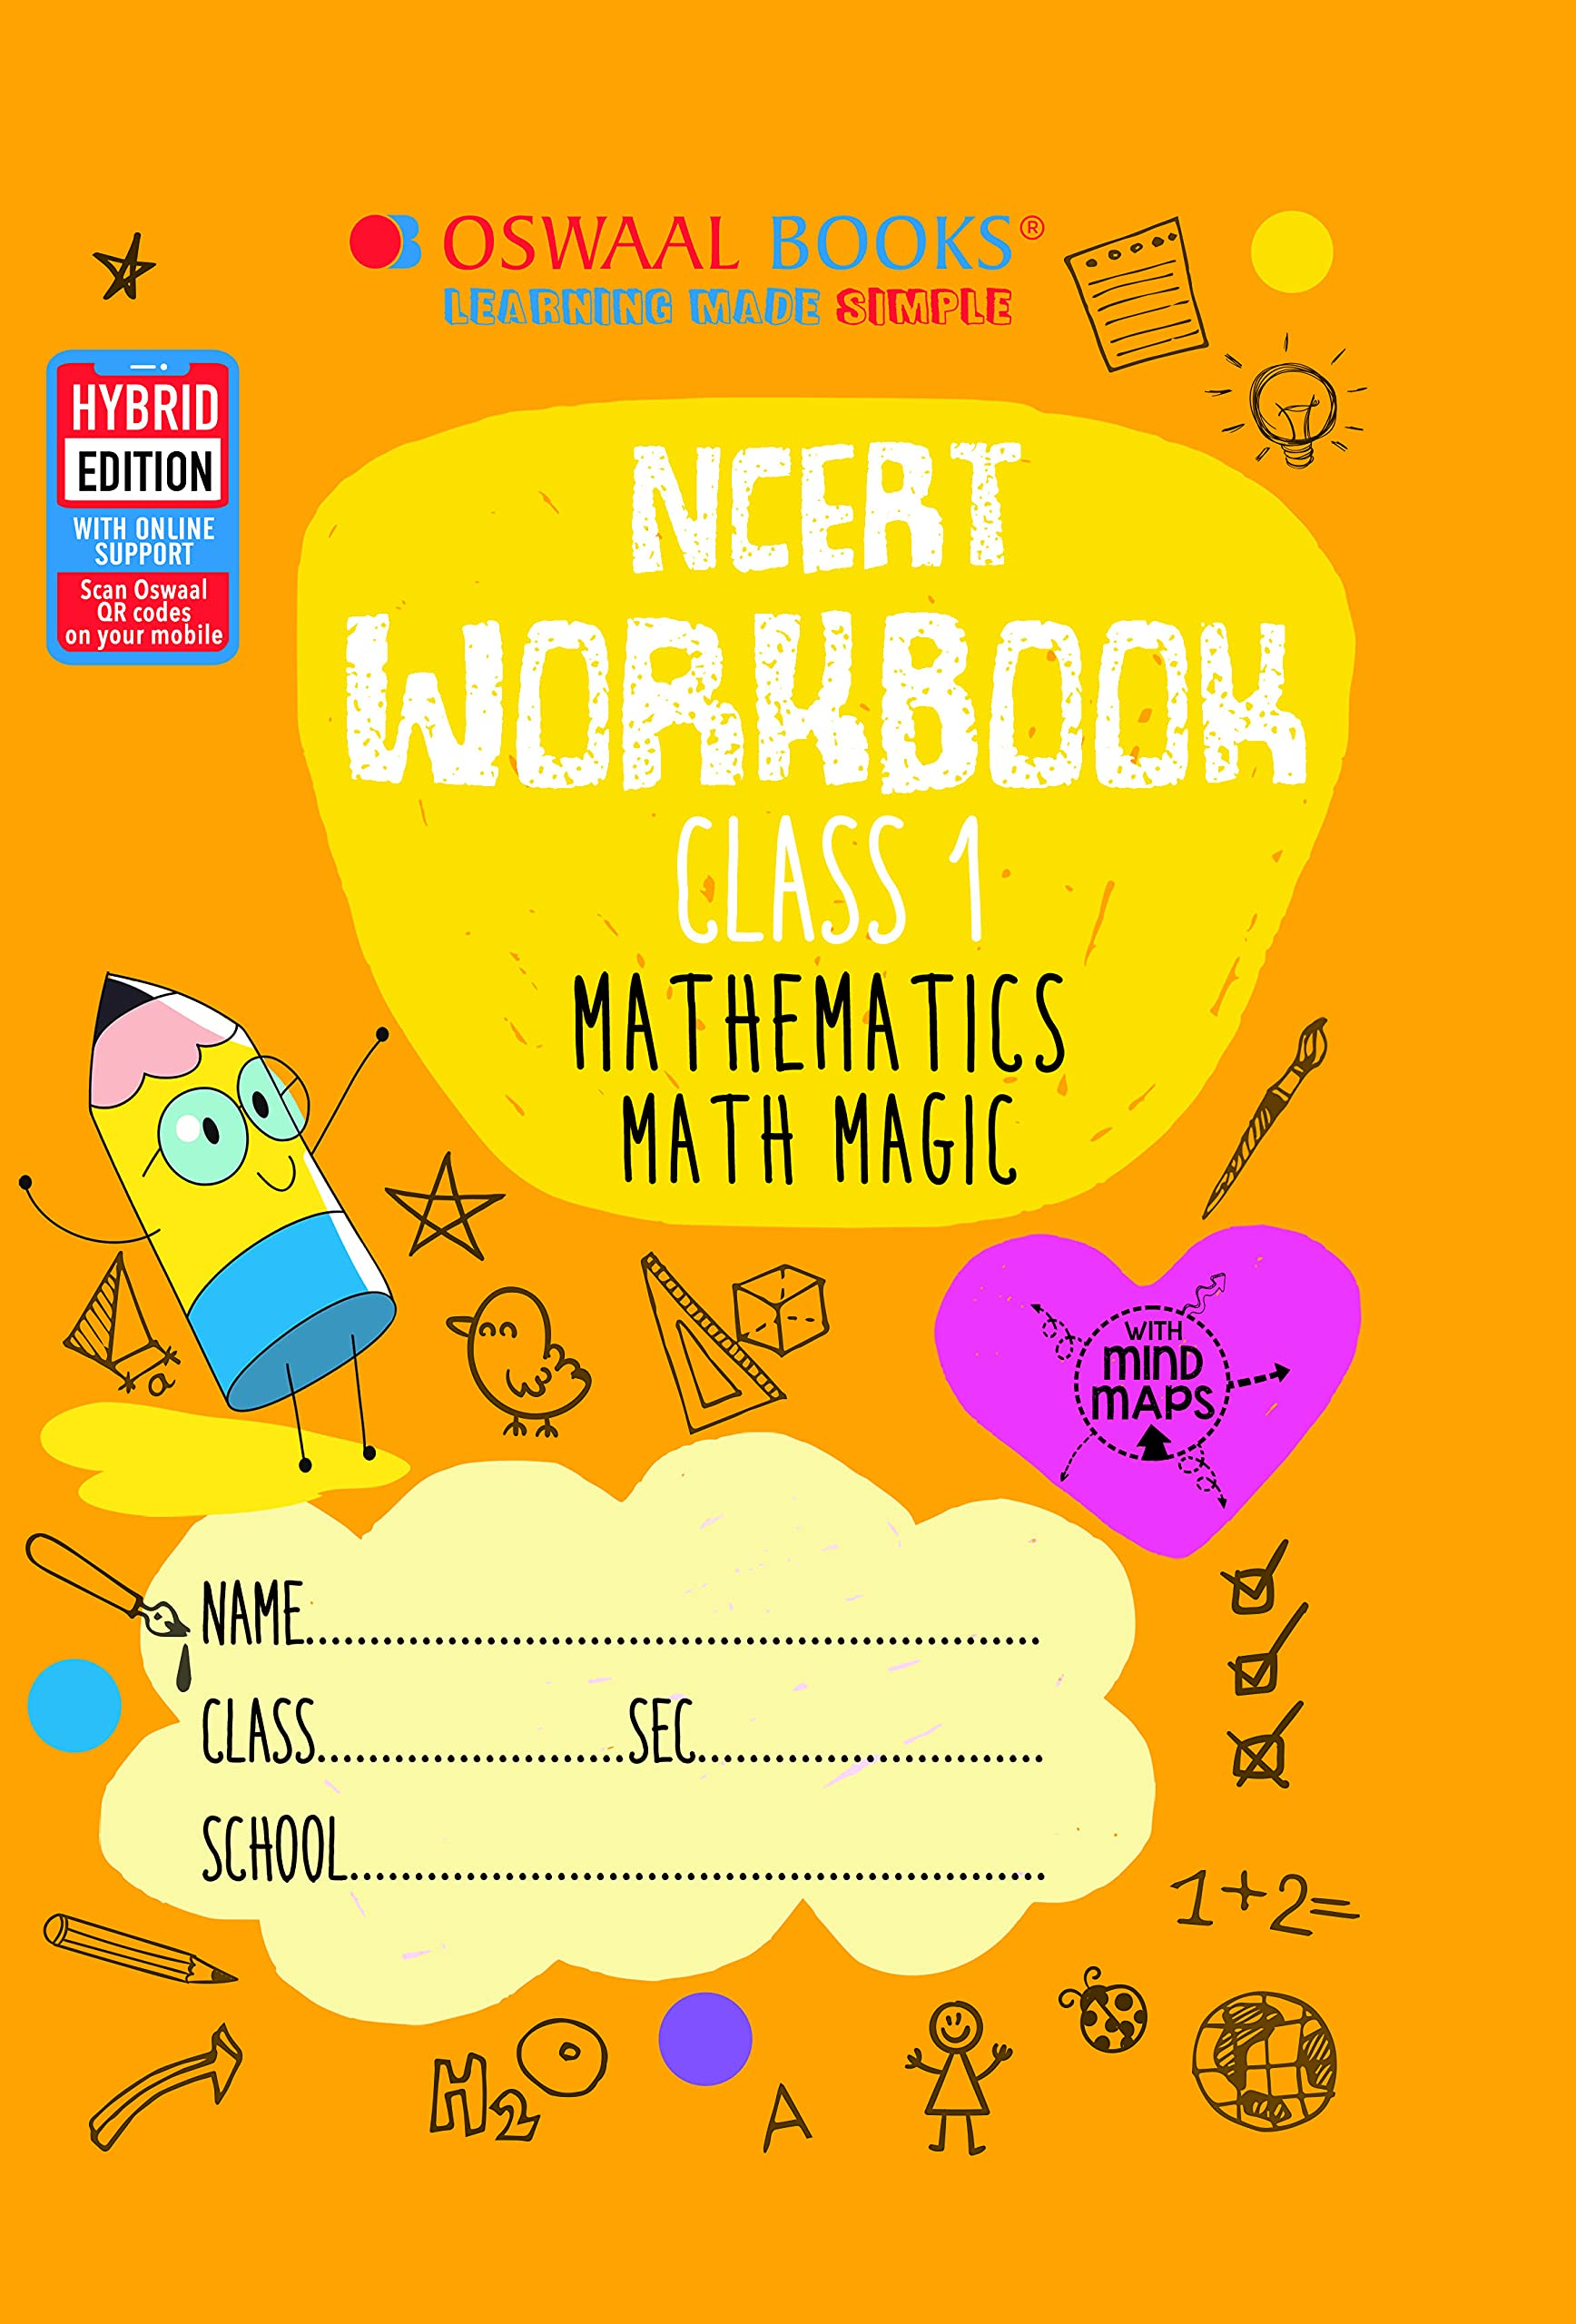 Oswaal NCERT Workbook Class 1, Mathematics (For 2022 Exam)